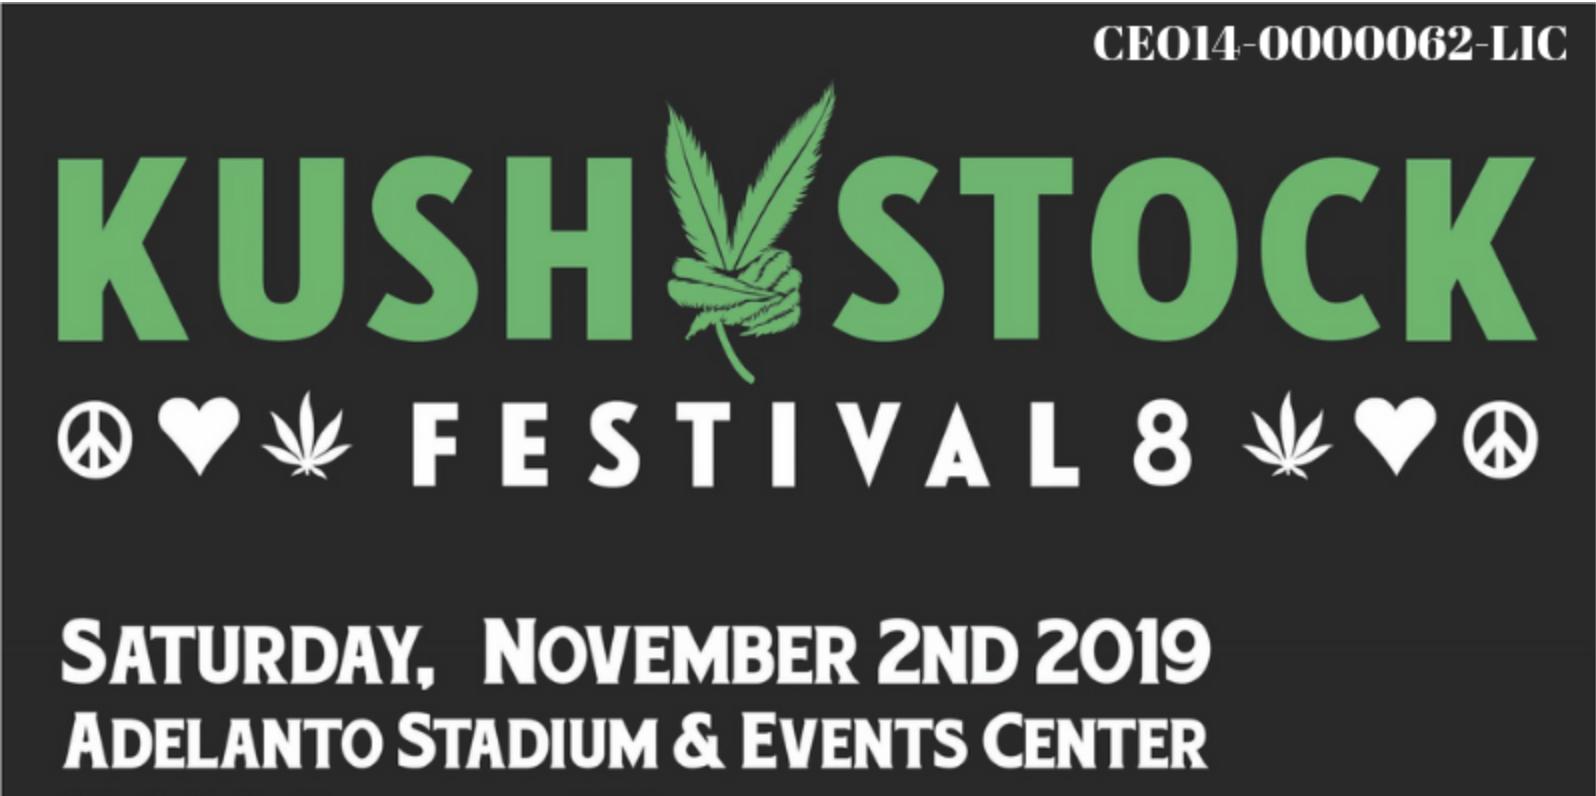 Kushstock Festival 8